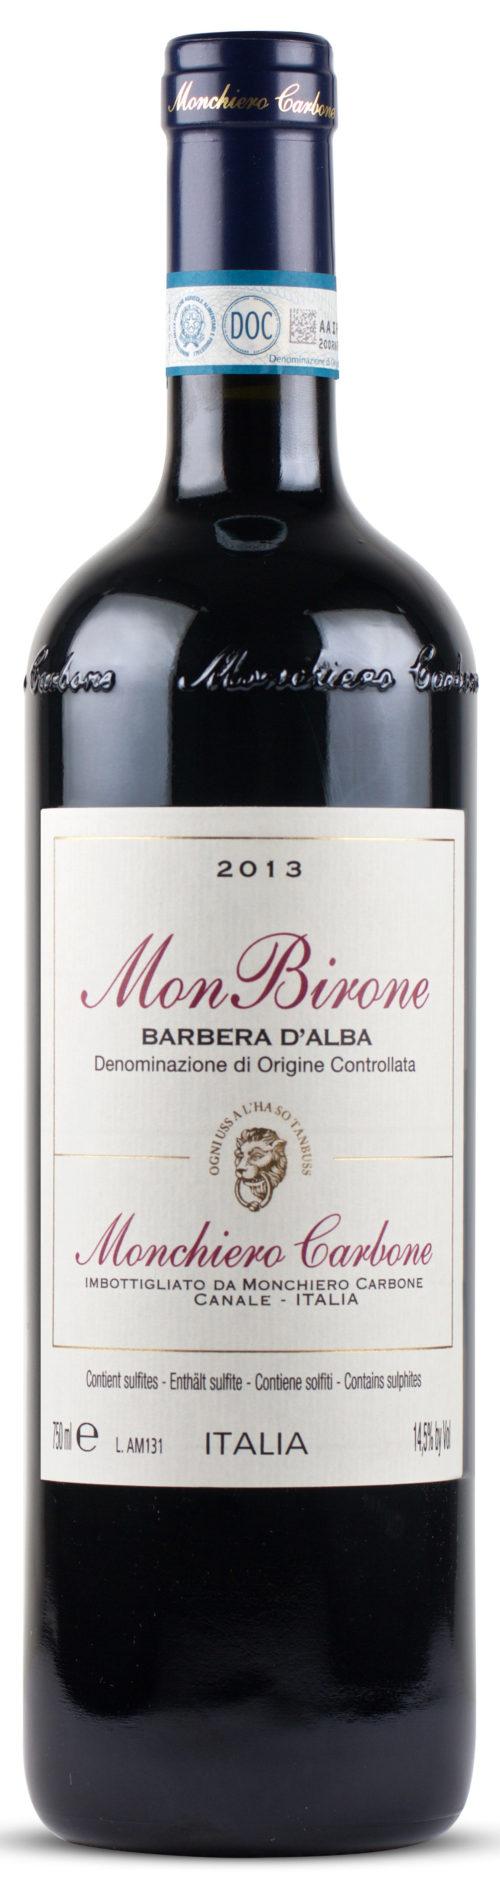 BARBERA D'ALBA DOC 2015 MONBIRONE MONCHIERO CARBONE 0,75